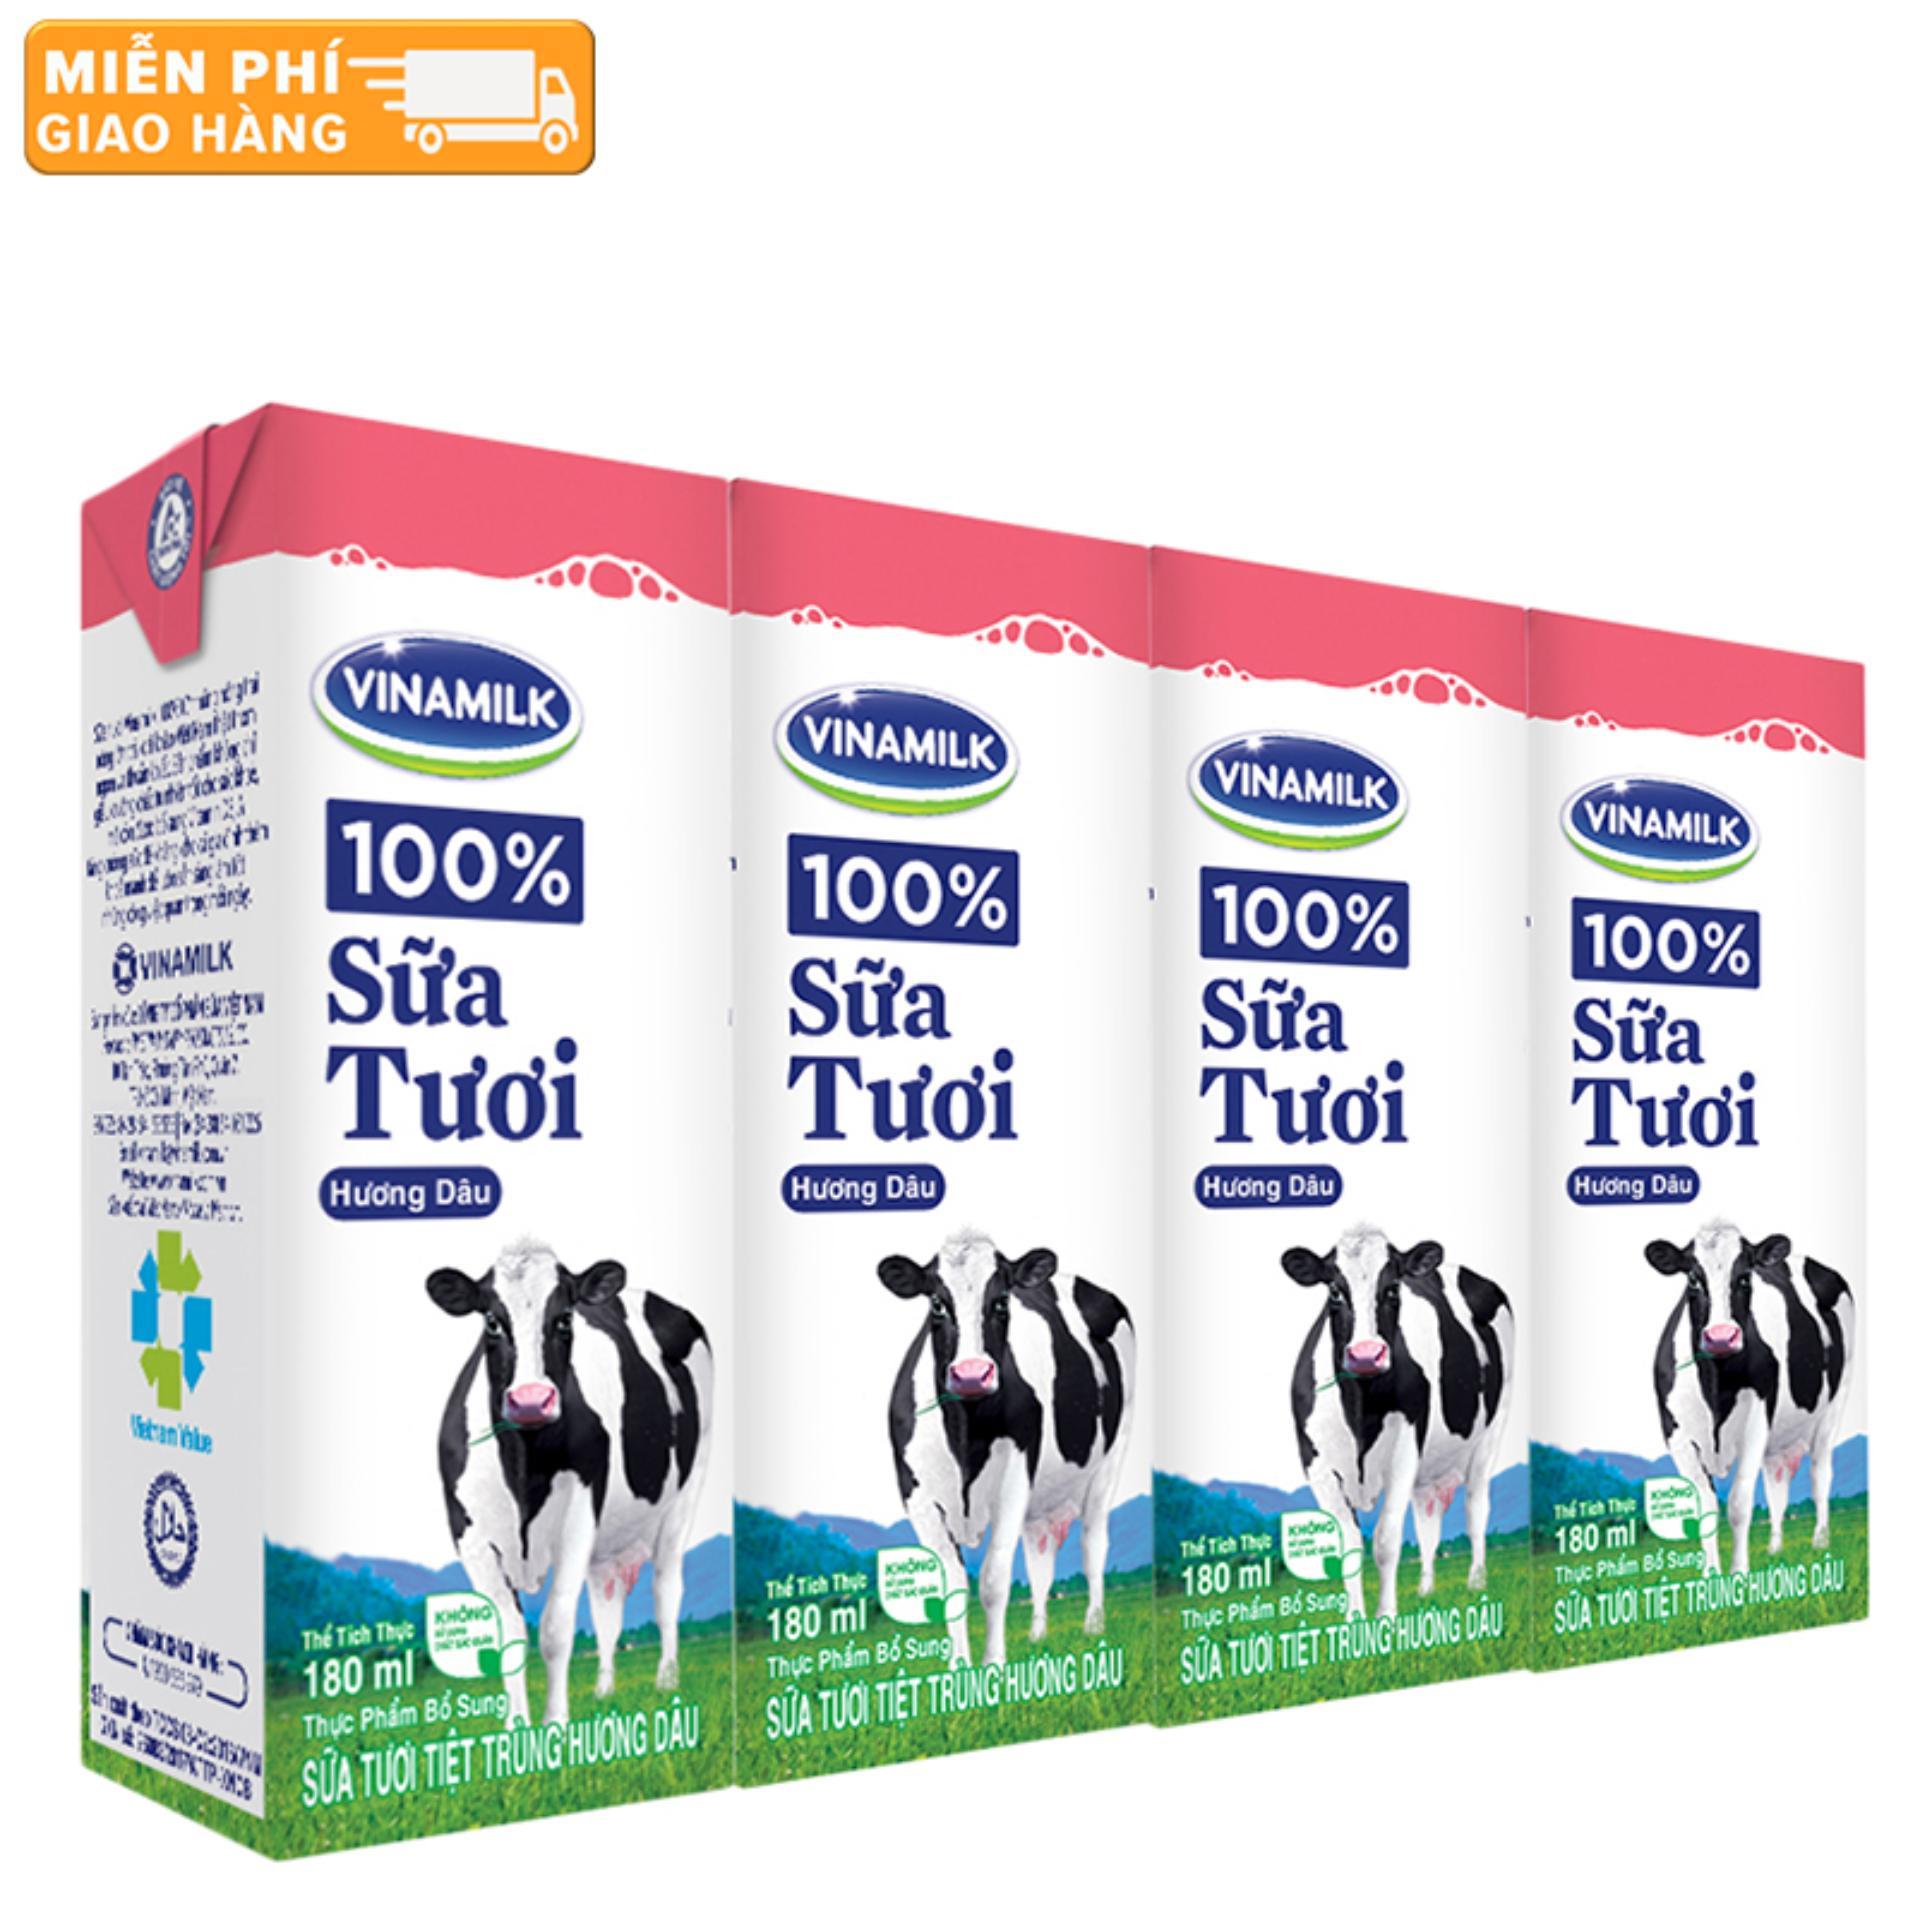 Thùng 48 Hộp Sữa tươi tiệt trùng Vinamilk 100% Hương Dâu 180ml